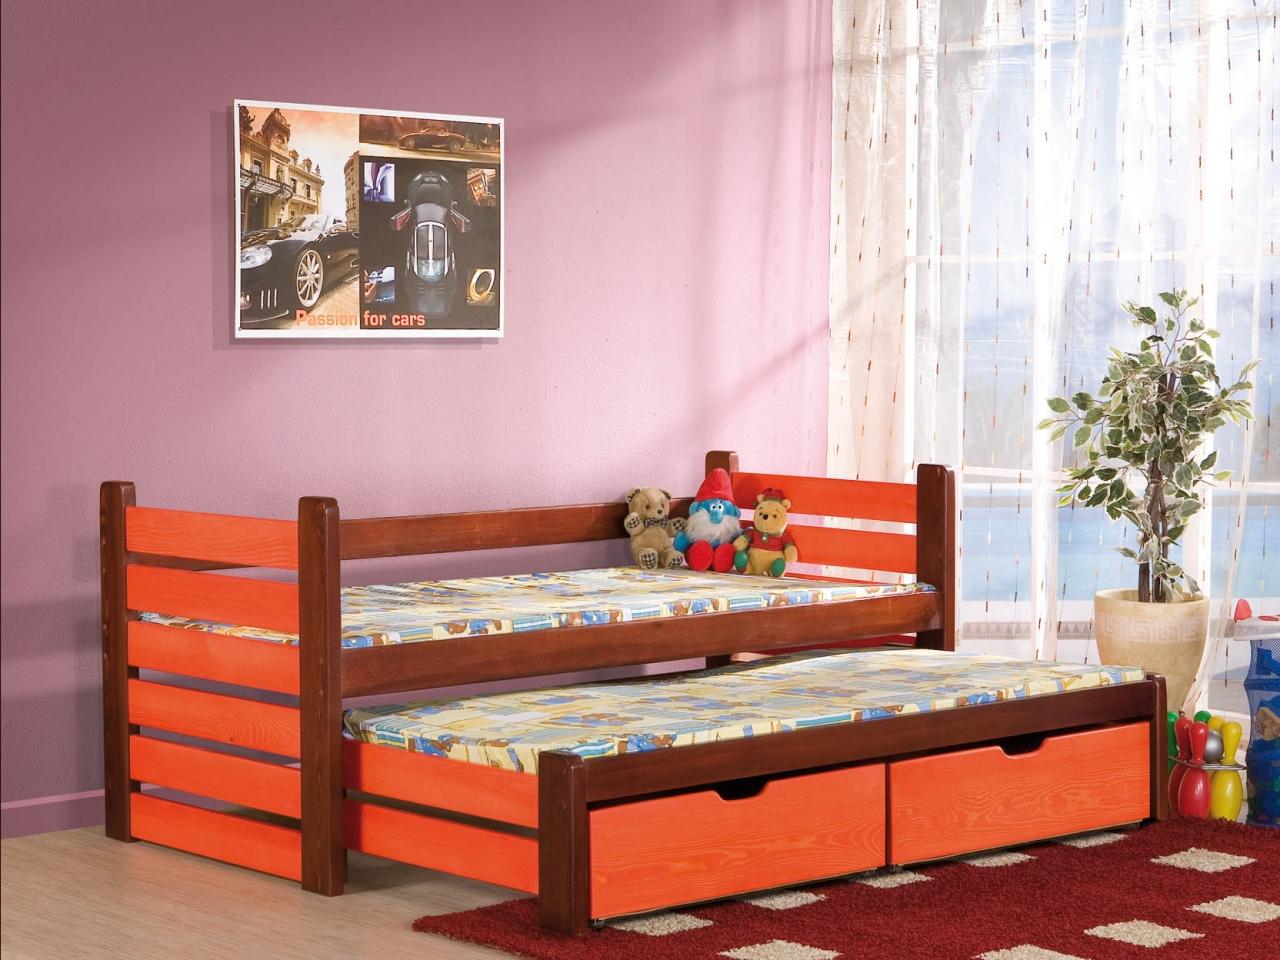 MebloBed Rozkládací postel Mateus s úložným prostorem